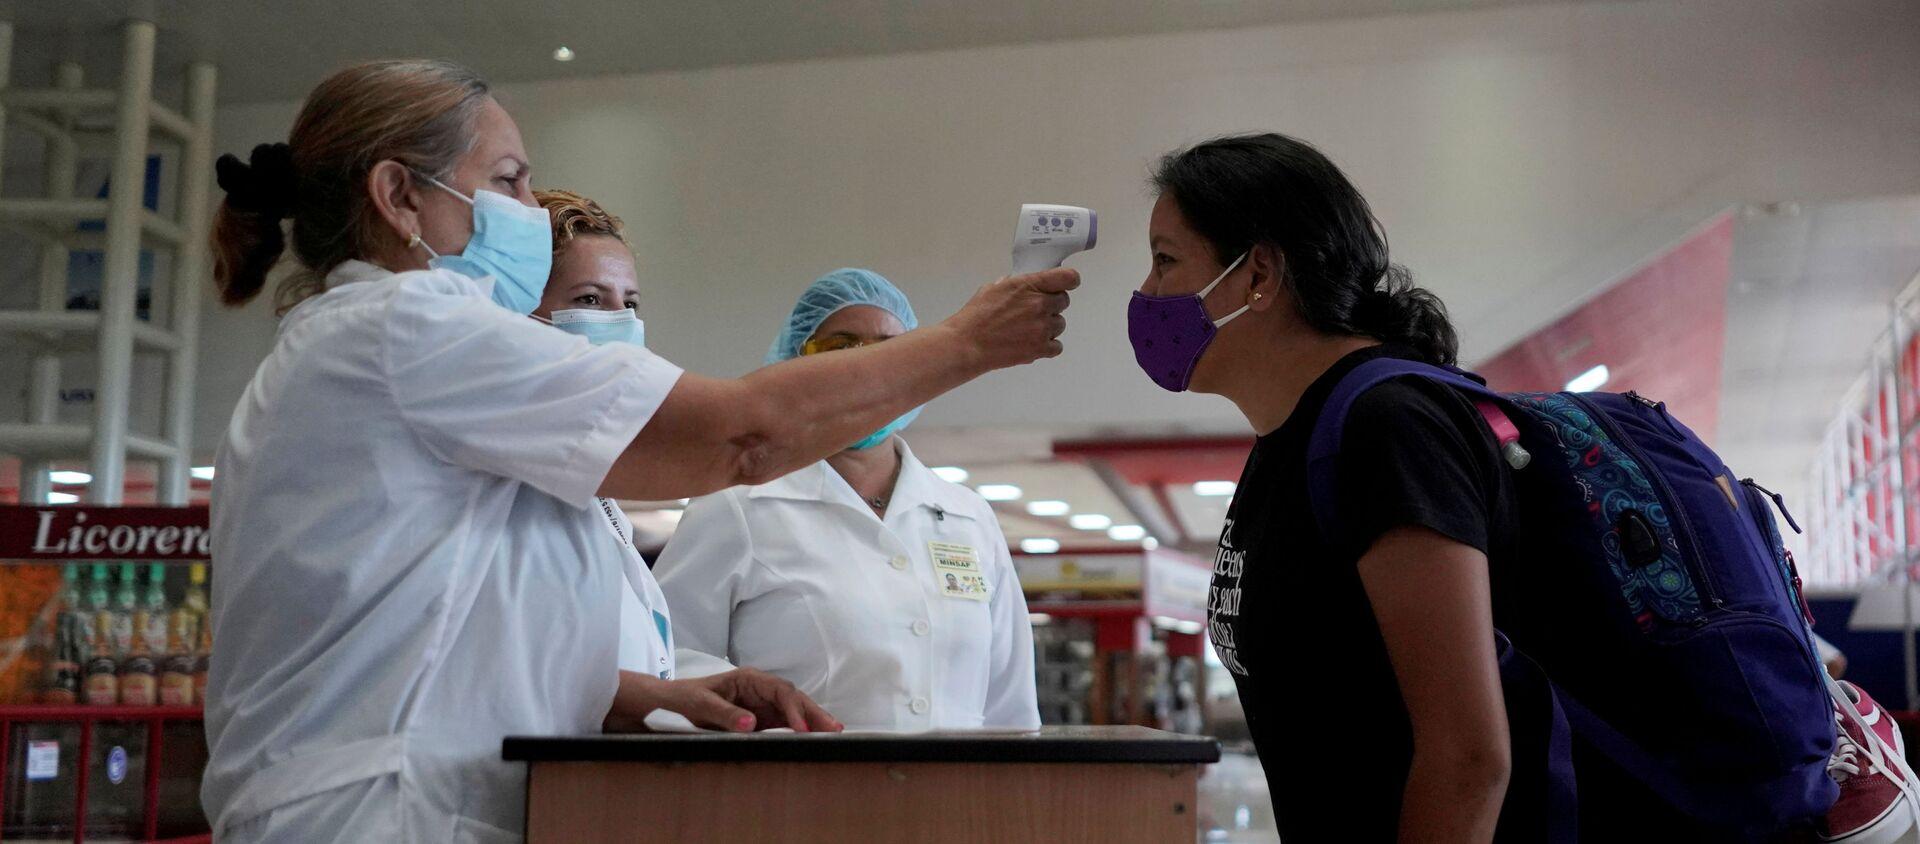 Unas enfermeras y una turista en el aeropuerto de la Habana, Cuba - Sputnik Mundo, 1920, 18.01.2021